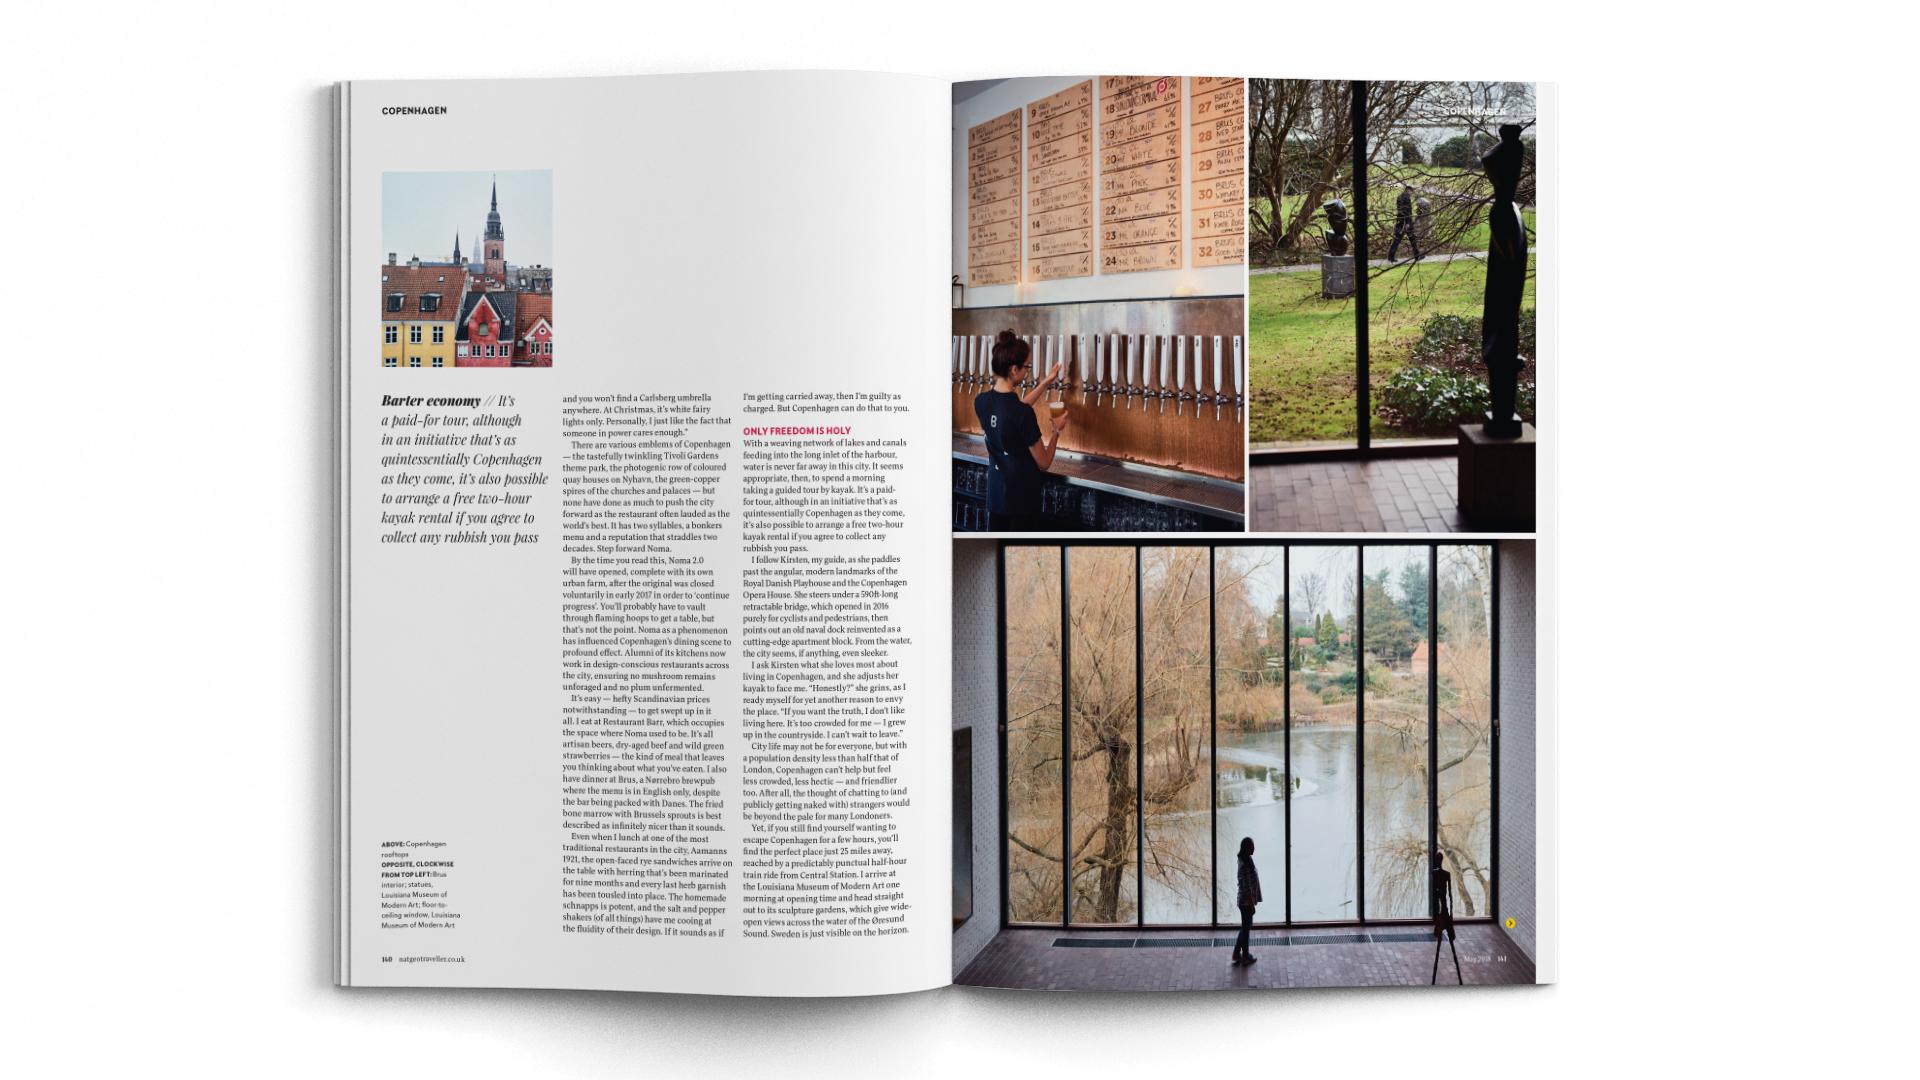 A4-Magazine-DPS-NGT-CL-Copenhagen-4